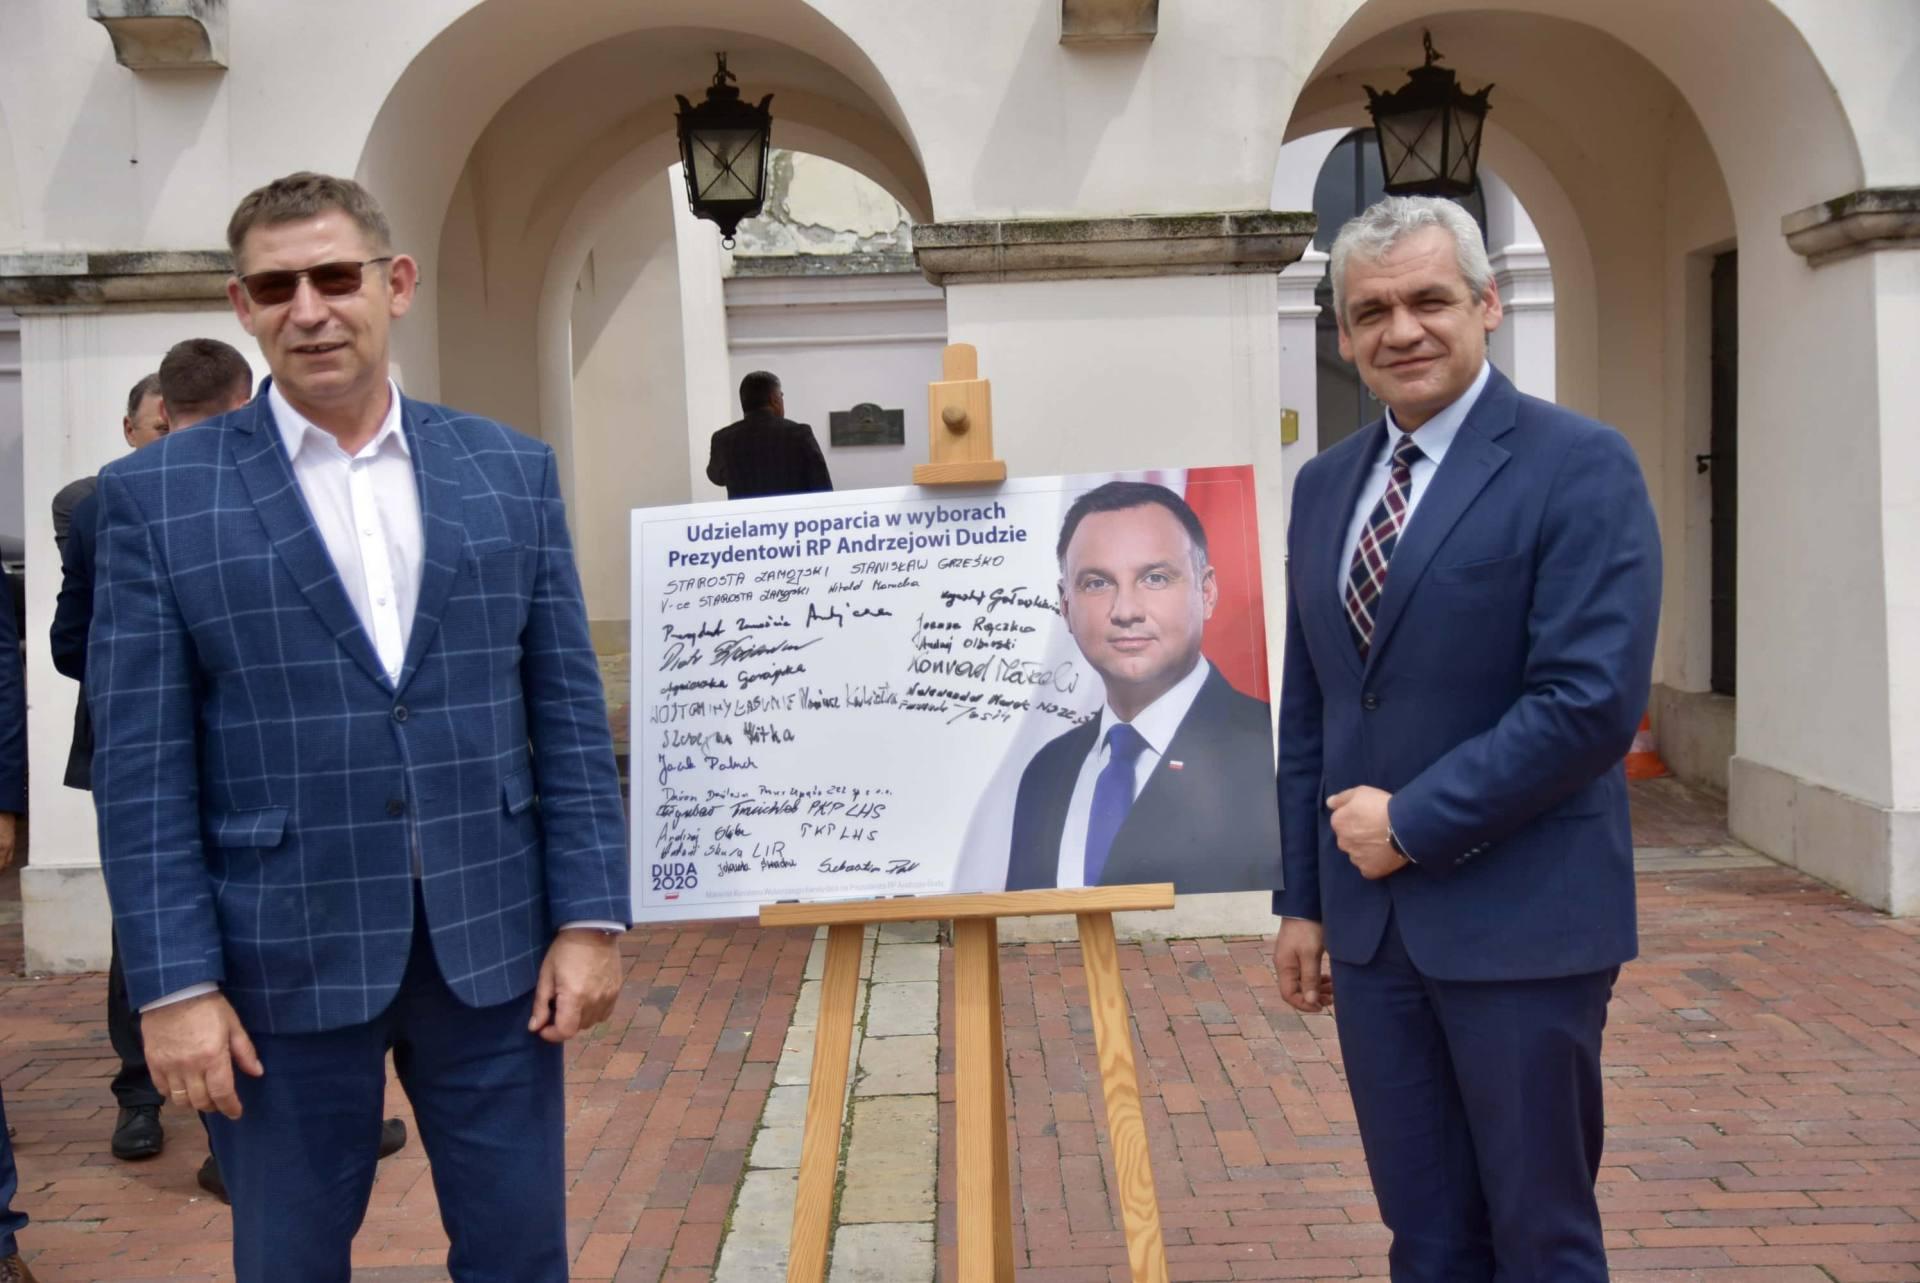 dsc 7803 Zamość: Udzielili poparcia prezydentowi Andrzejowi Dudzie